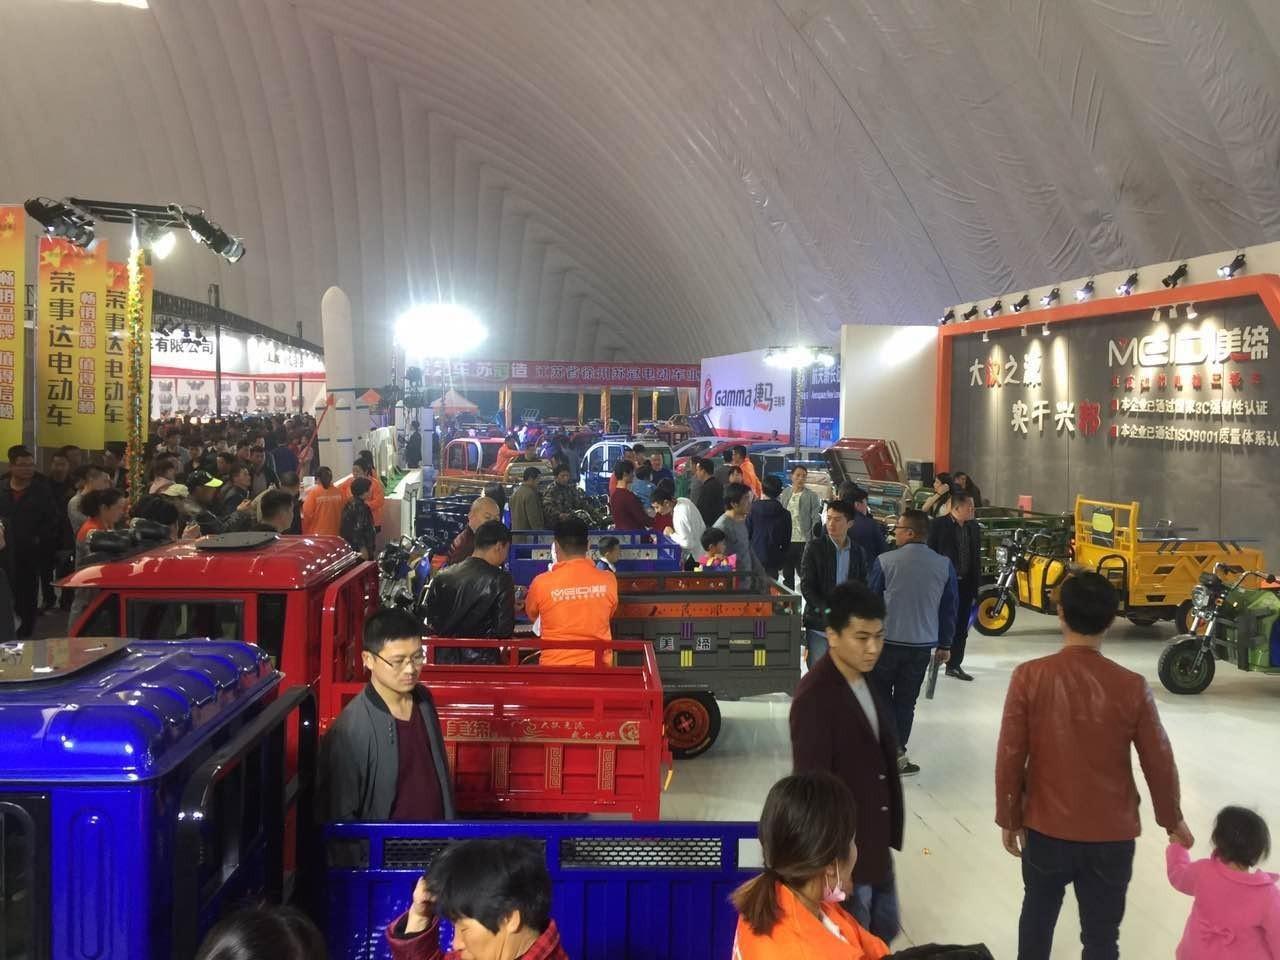 电动三轮车首日众筹突破6000台,丰县展哪个品牌这么火?